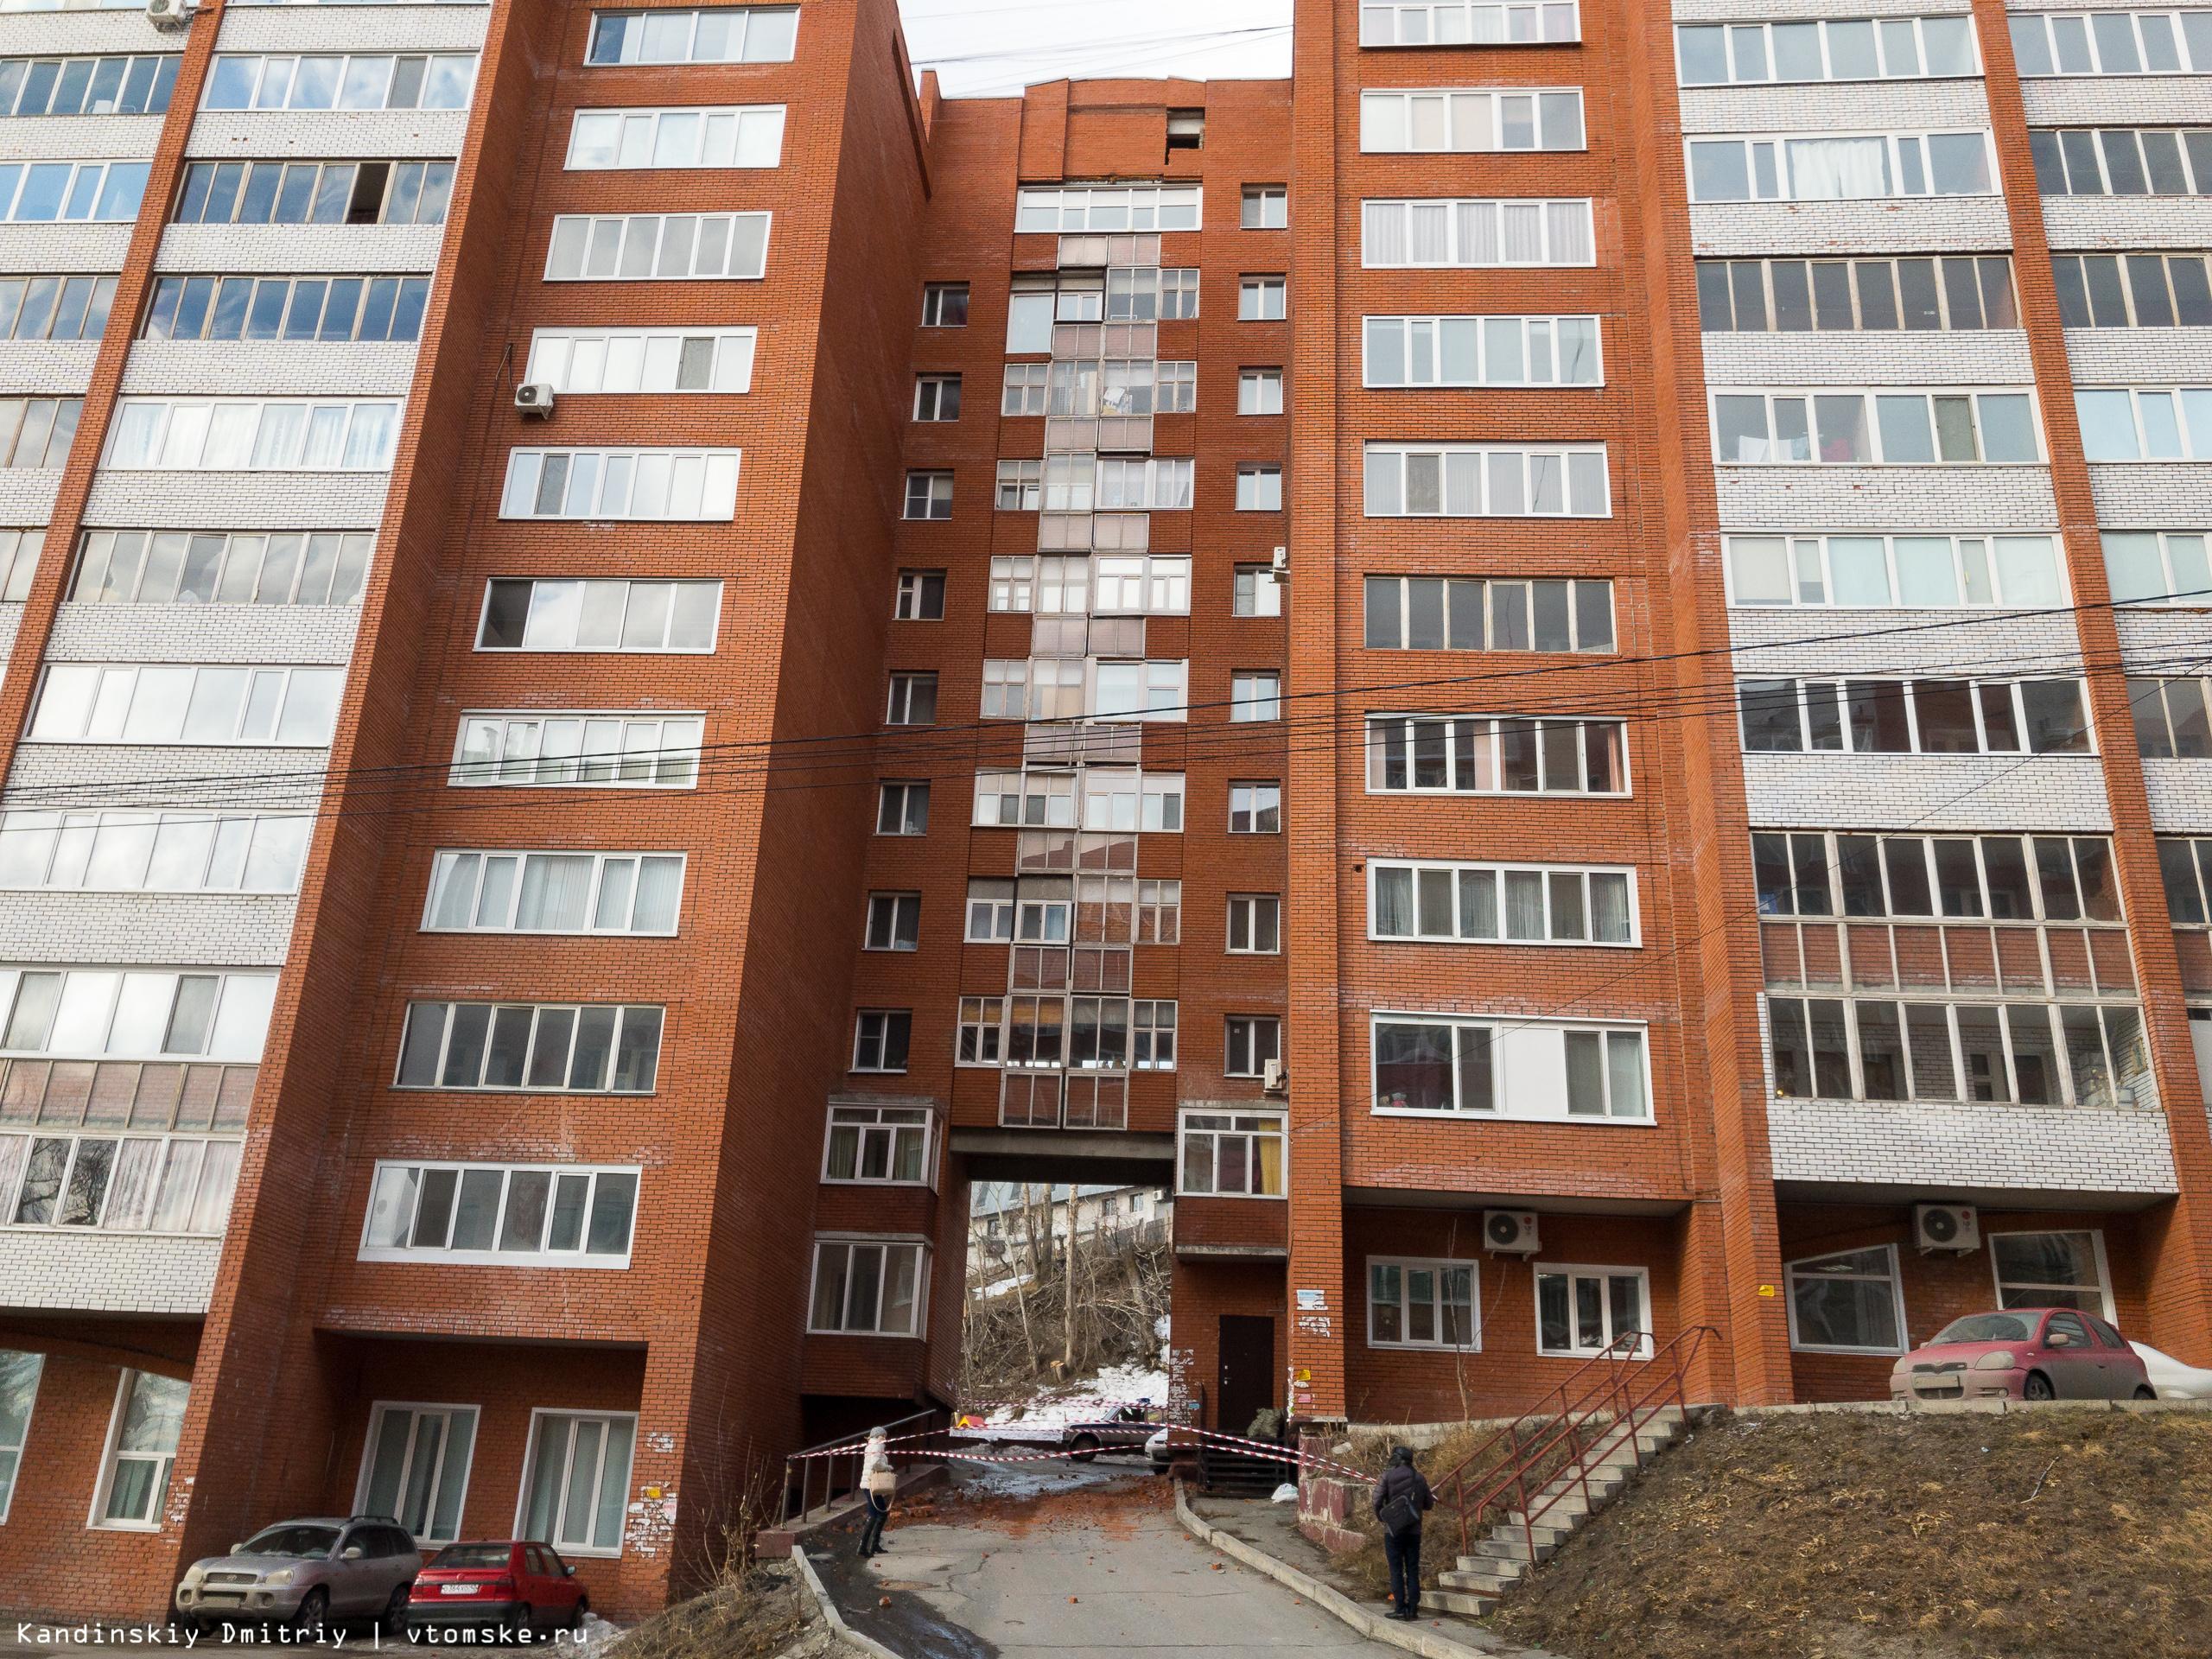 Кирпичная кладка 10-этажного дома обрушилась в Томске